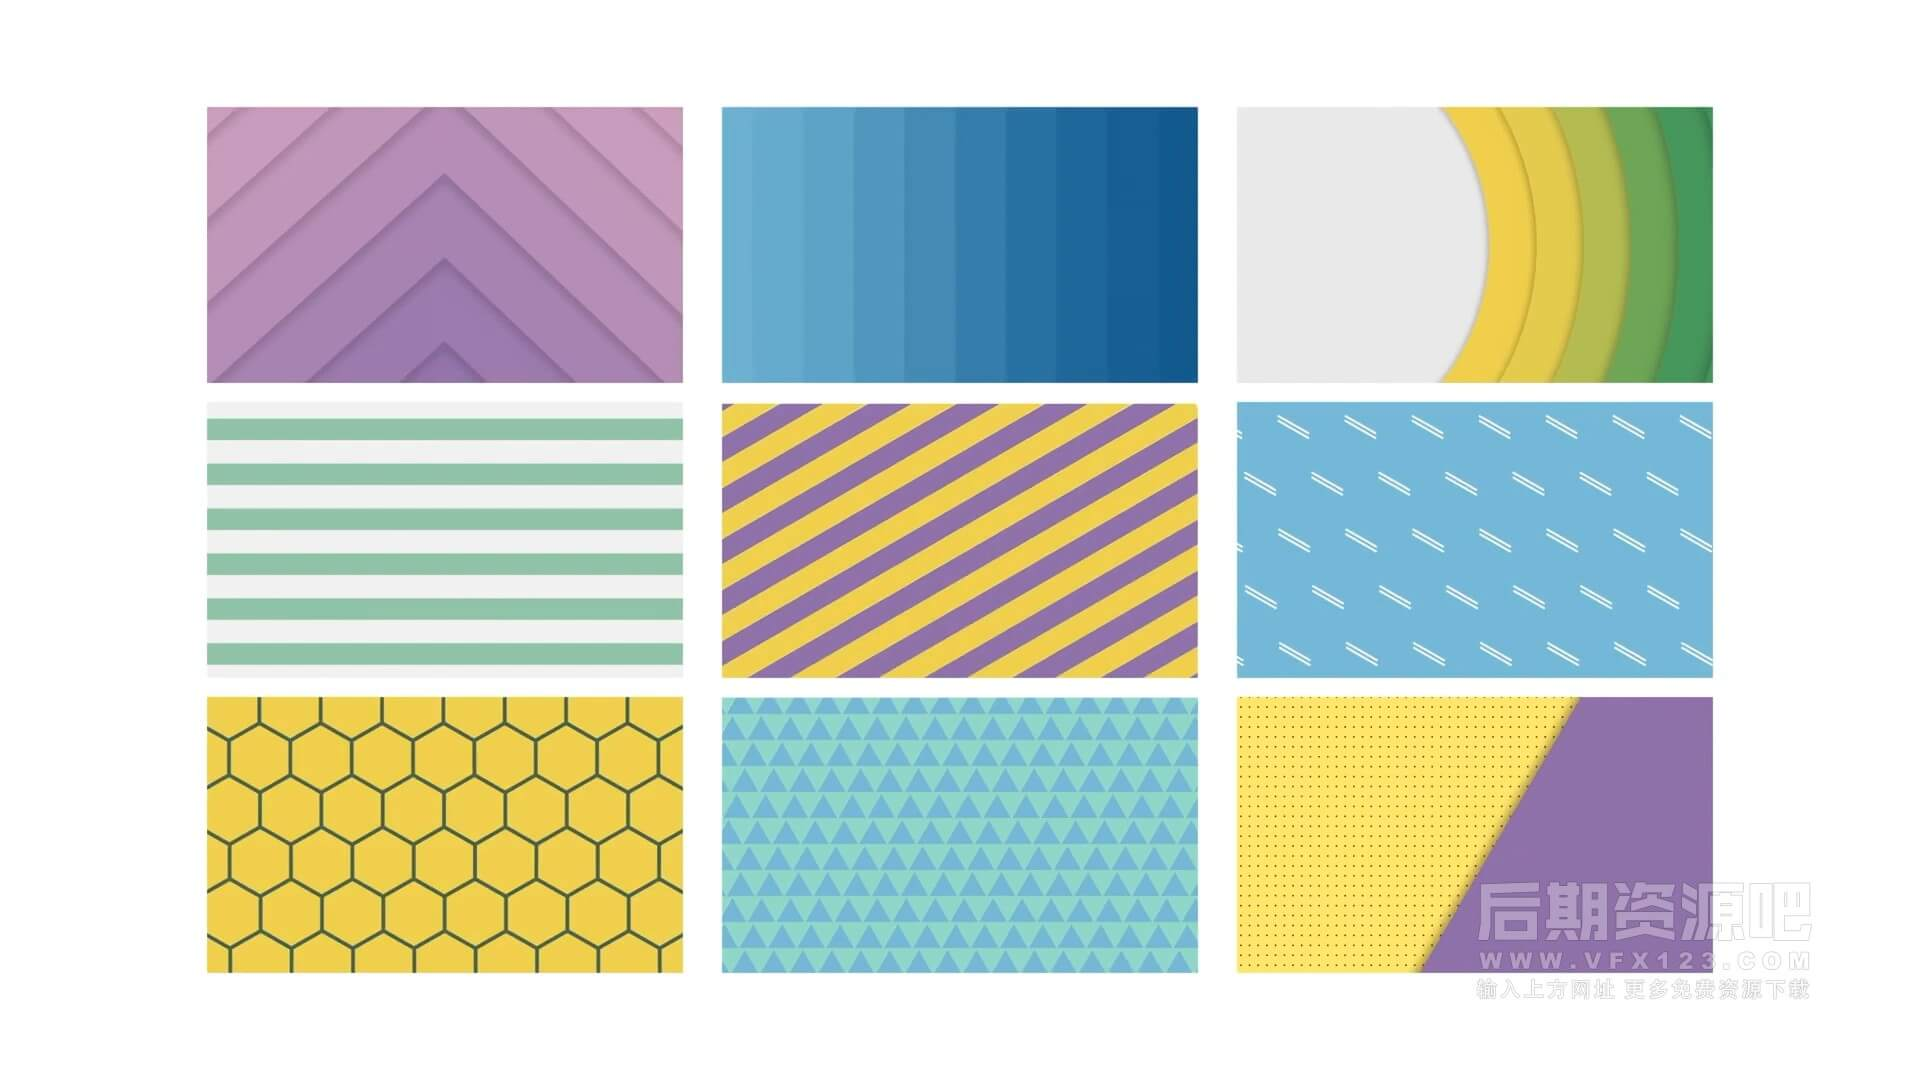 fcpx插件 15个简约小清新彩色图形背景动画 Animated Backgrounds